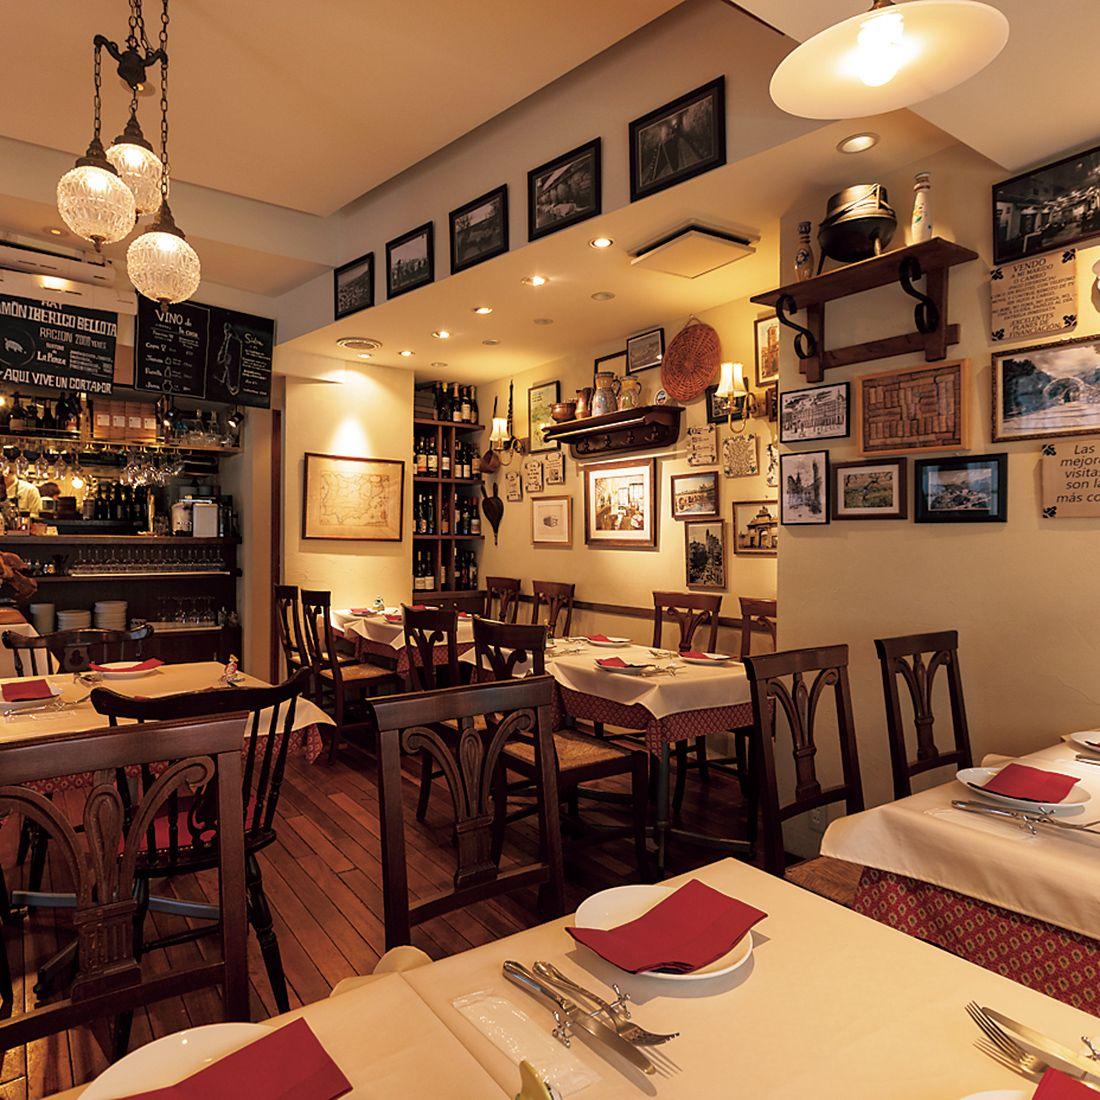 壁の写真や絵や雑貨はすべてスペインのもの。